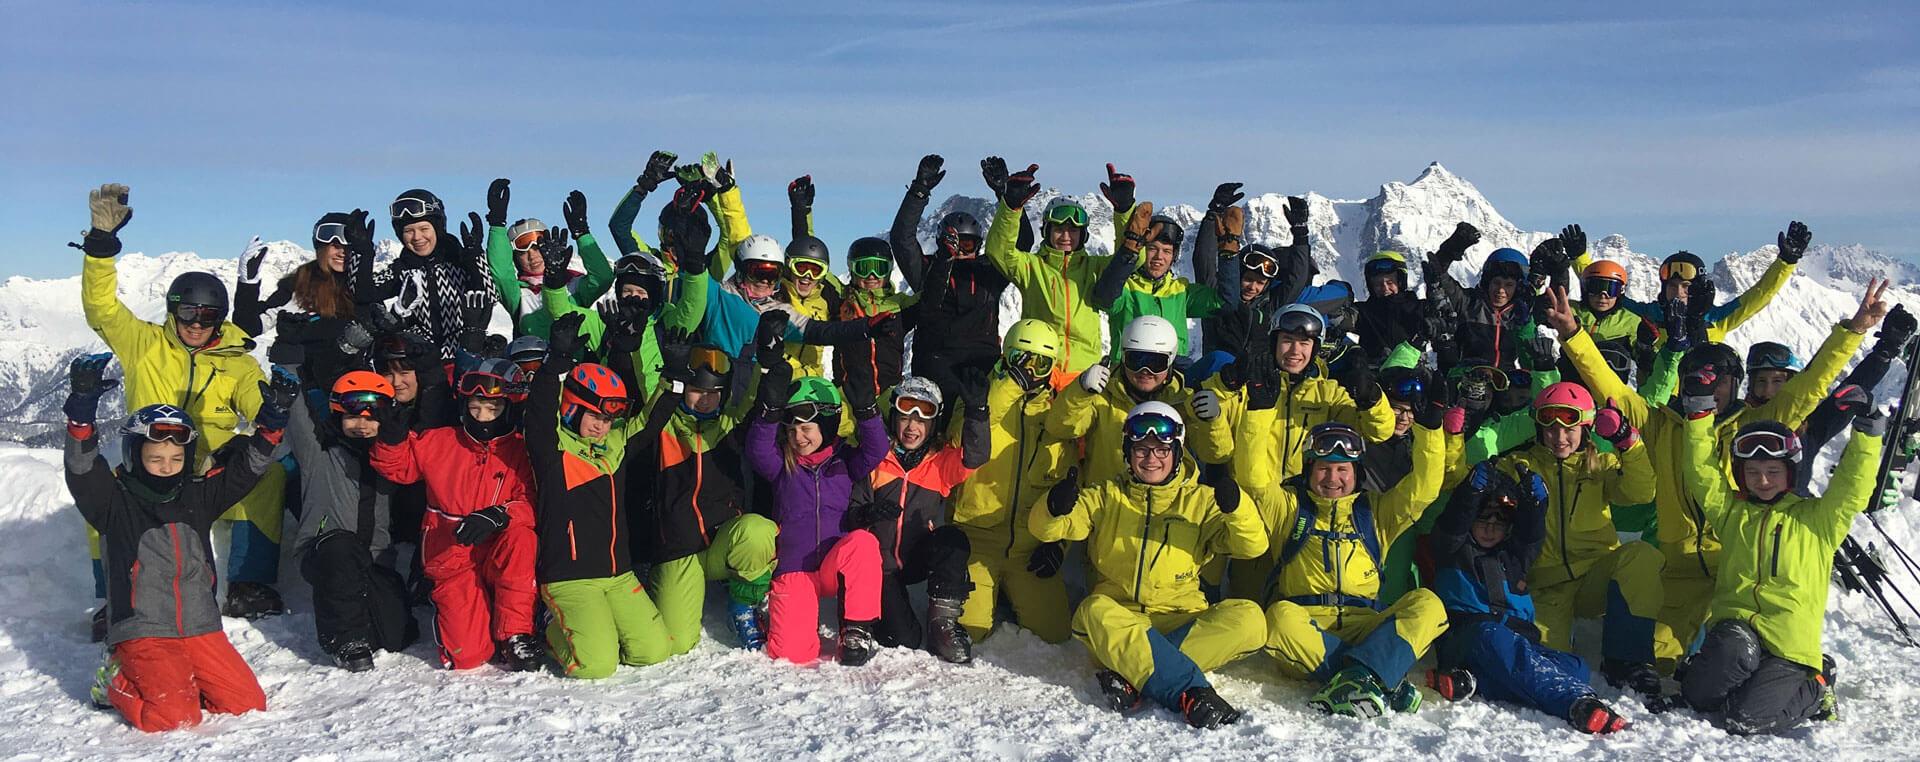 Freudiges Gruppenfoto im Schnee